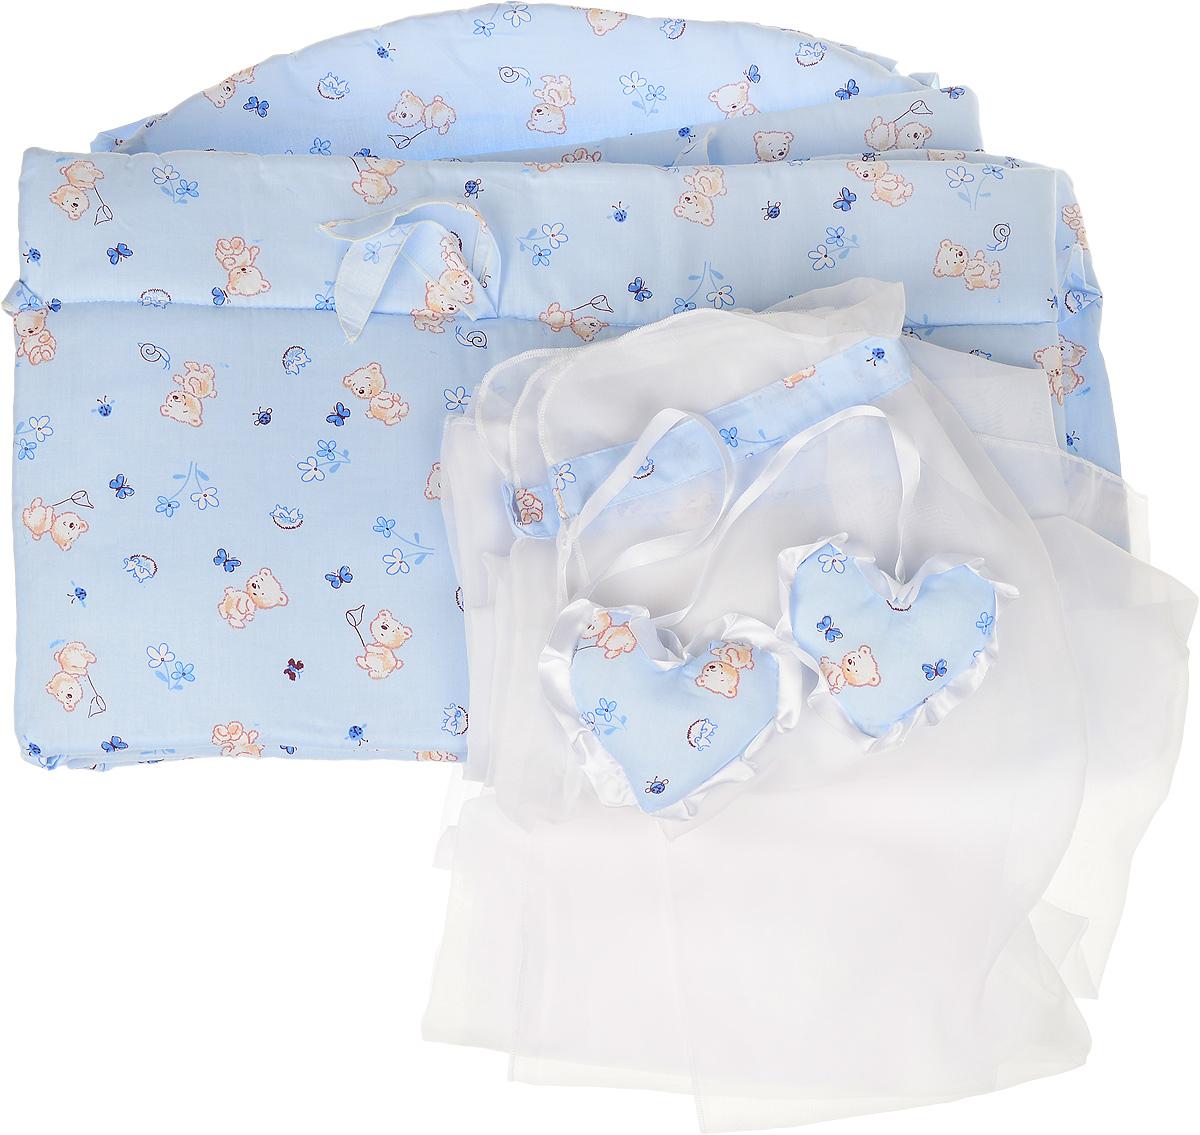 Фея Комплект в кроватку Мишки цвет голубой 2 предмета68/3/7Комплект в кроватку Фея Мишки состоит из бортика и балдахина. Бортик в кроватку состоит из четырех частей и закрывает весь периметр кроватки. Бортик крепится к кроватке с помощью специальных завязок, благодаря чему его можно поместить в любую детскую кроватку. Бортик выполнен из натурального хлопка безупречной выделки. Деликатные швы рассчитаны на прикосновение к нежной коже ребенка. Борт оформлен изображениями забавных плюшевых медвежат.Балдахин, выполненный из полиэстера, может использоваться как для люльки, так и для кроватки. Сверху балдахин декорирован вставкой из хлопка с рисунком. Изделие оснащено двумя атласными лентами с мягкими игрушками в виде сердец на концах. Ленты завязываются на бант.